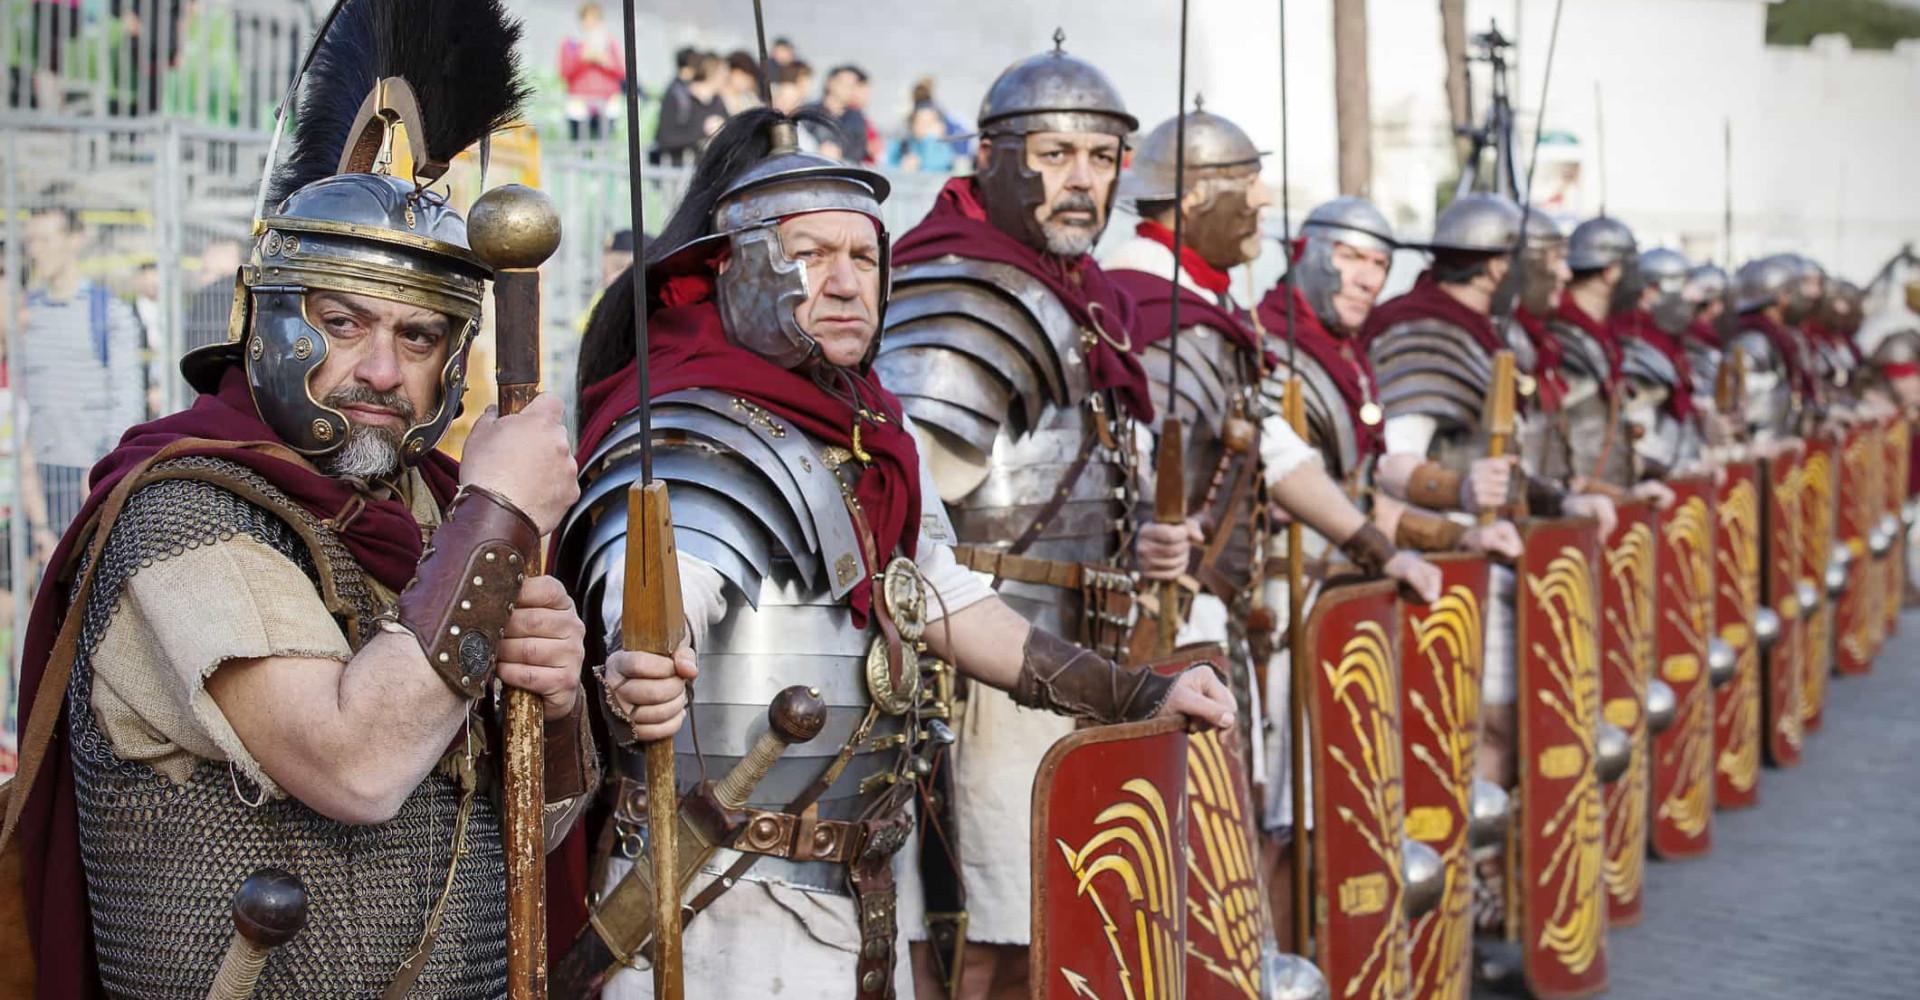 De onvoorstelbare nalatenschap van het Romeinse Rijk